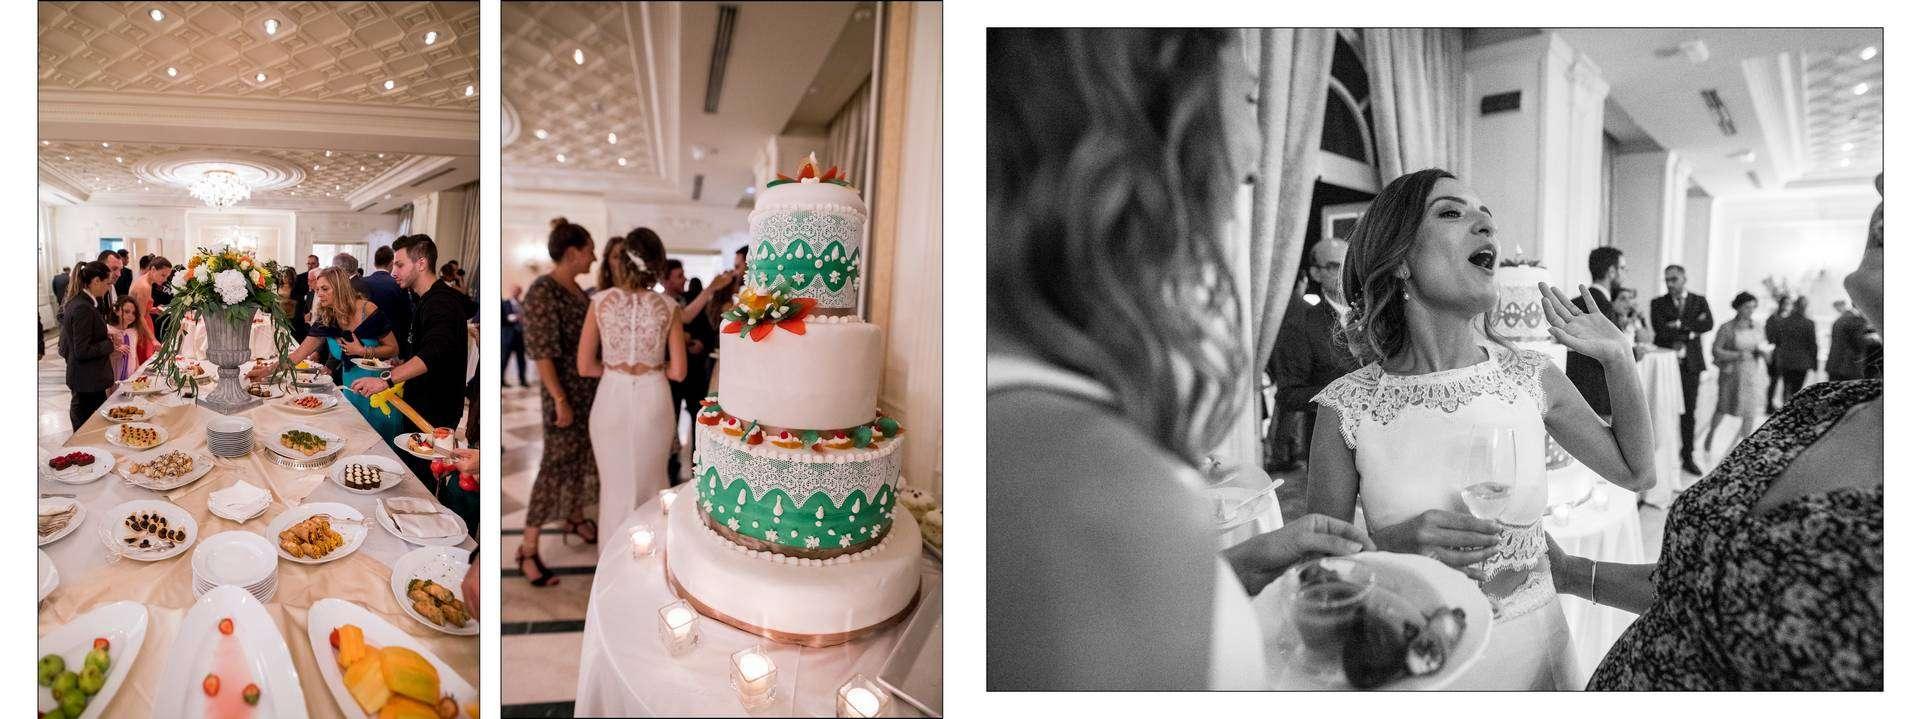 torta del matrimonio